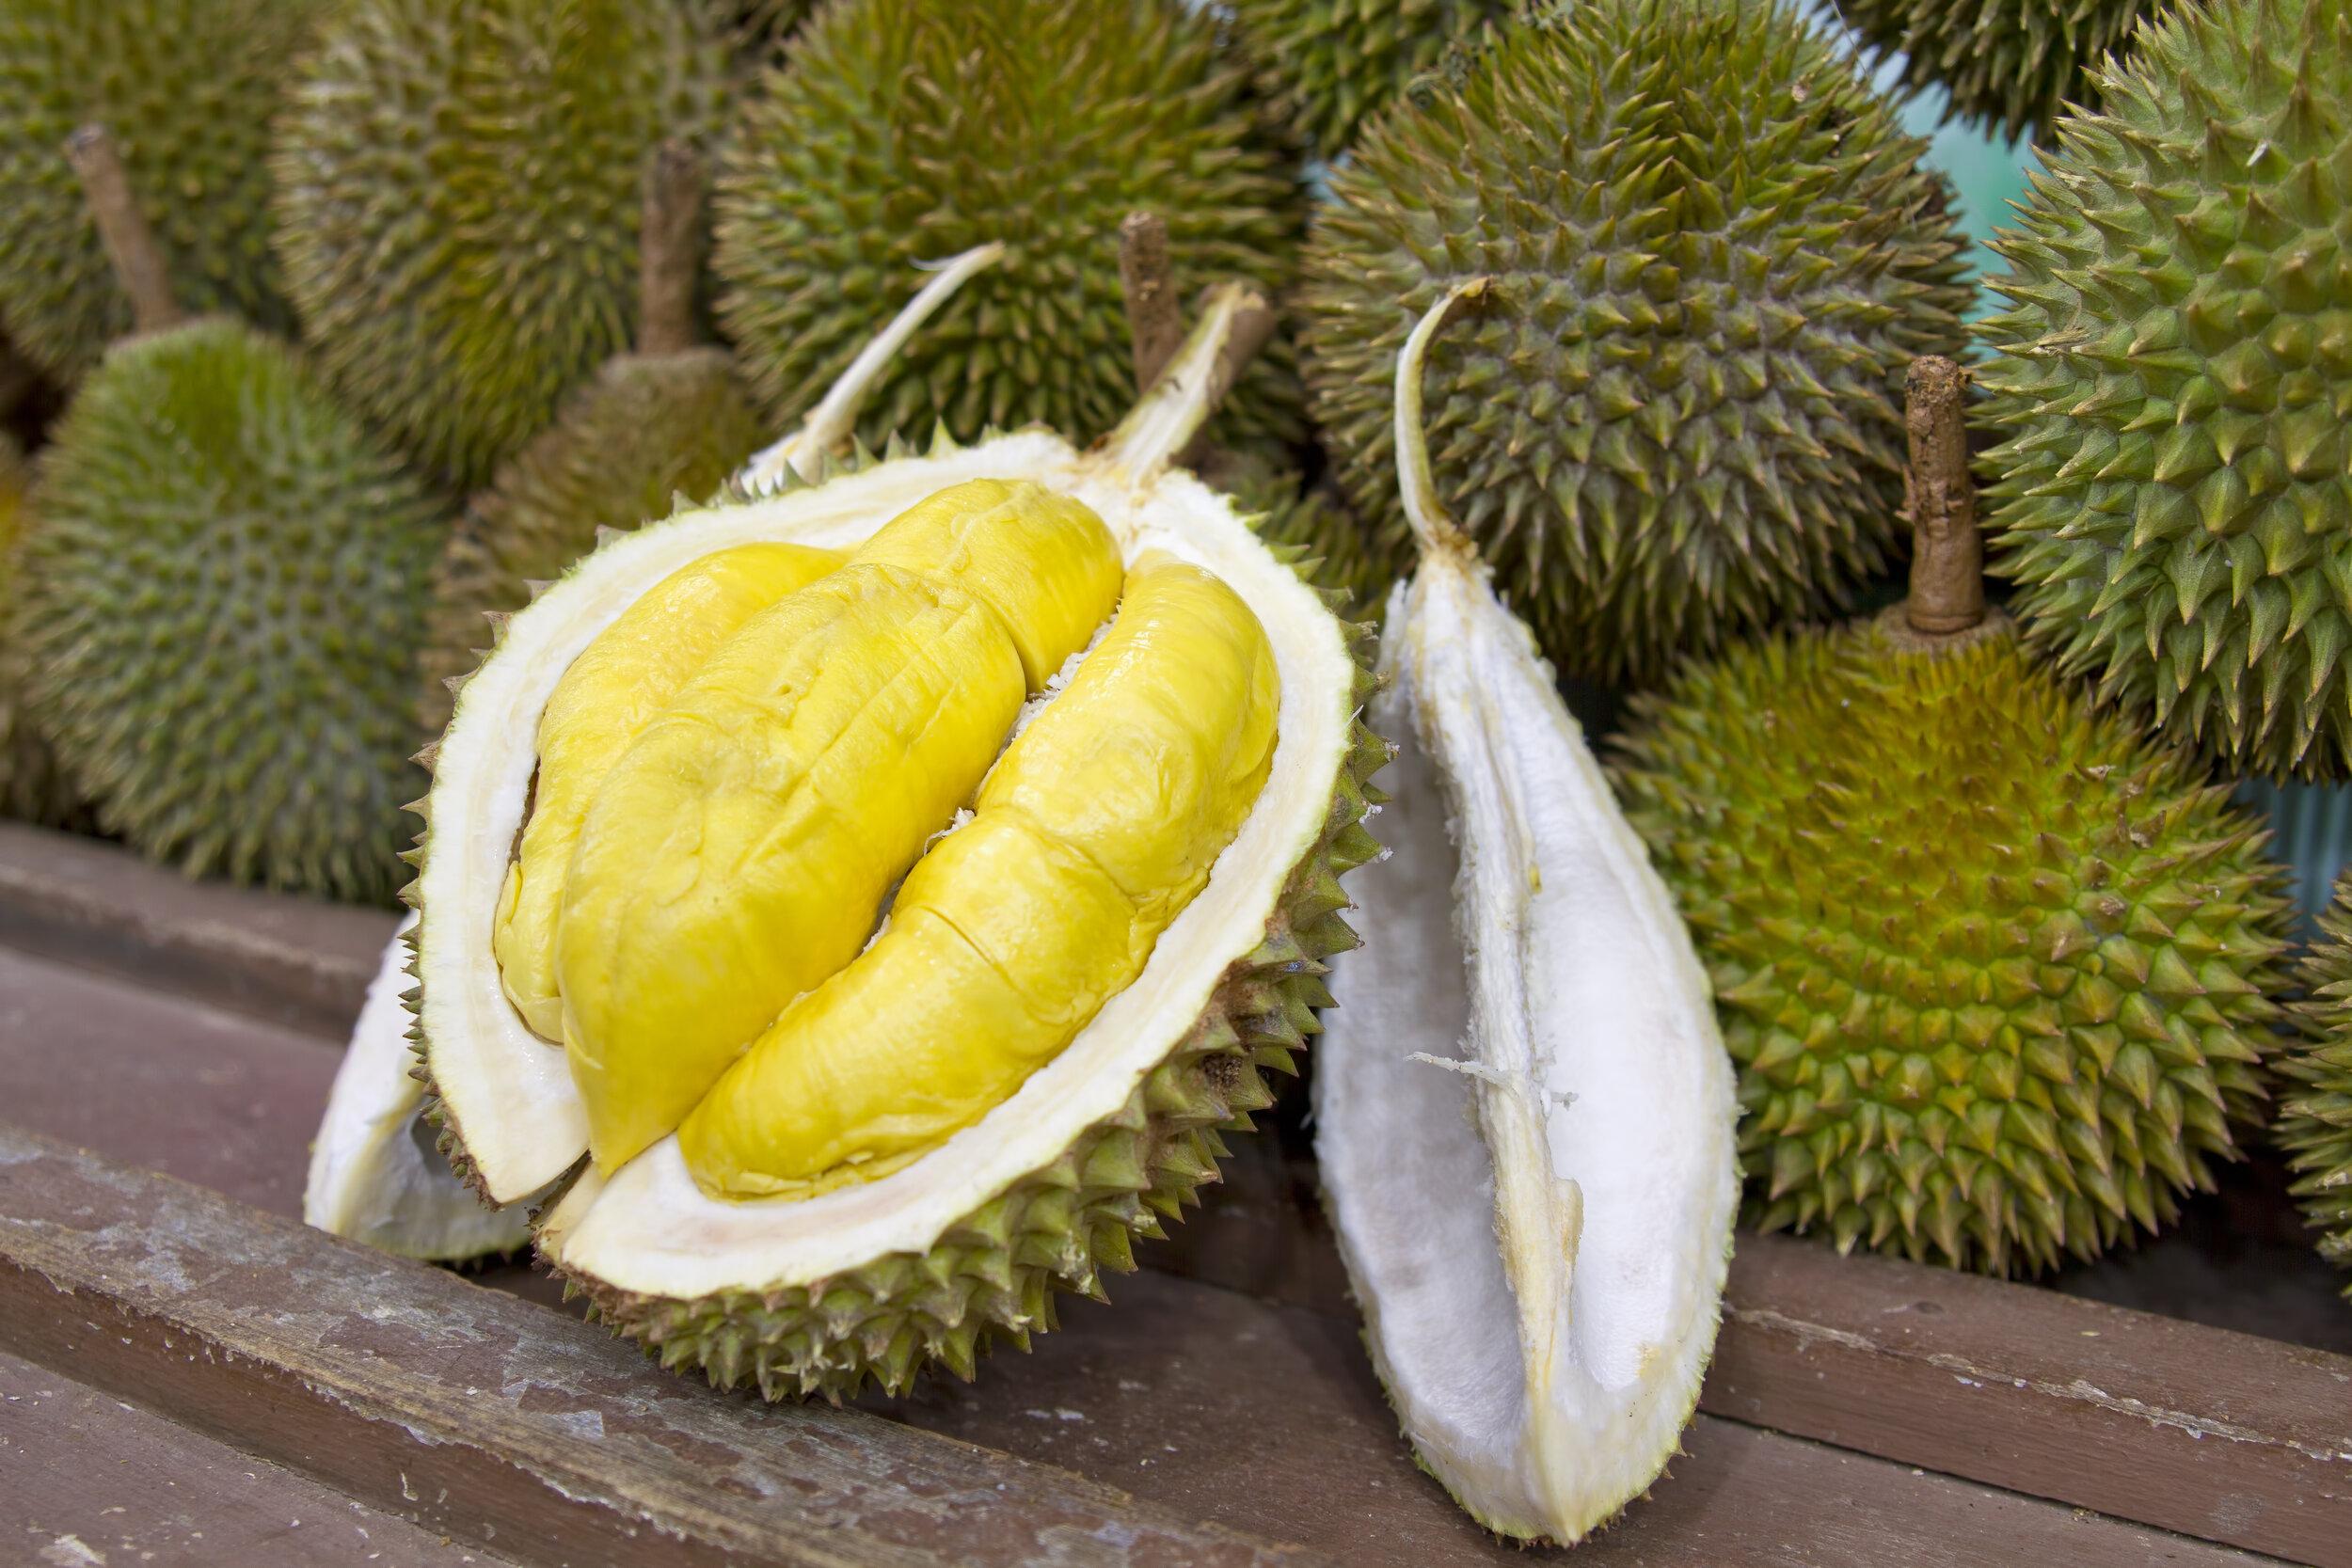 Infamous Thai fruit—Durian